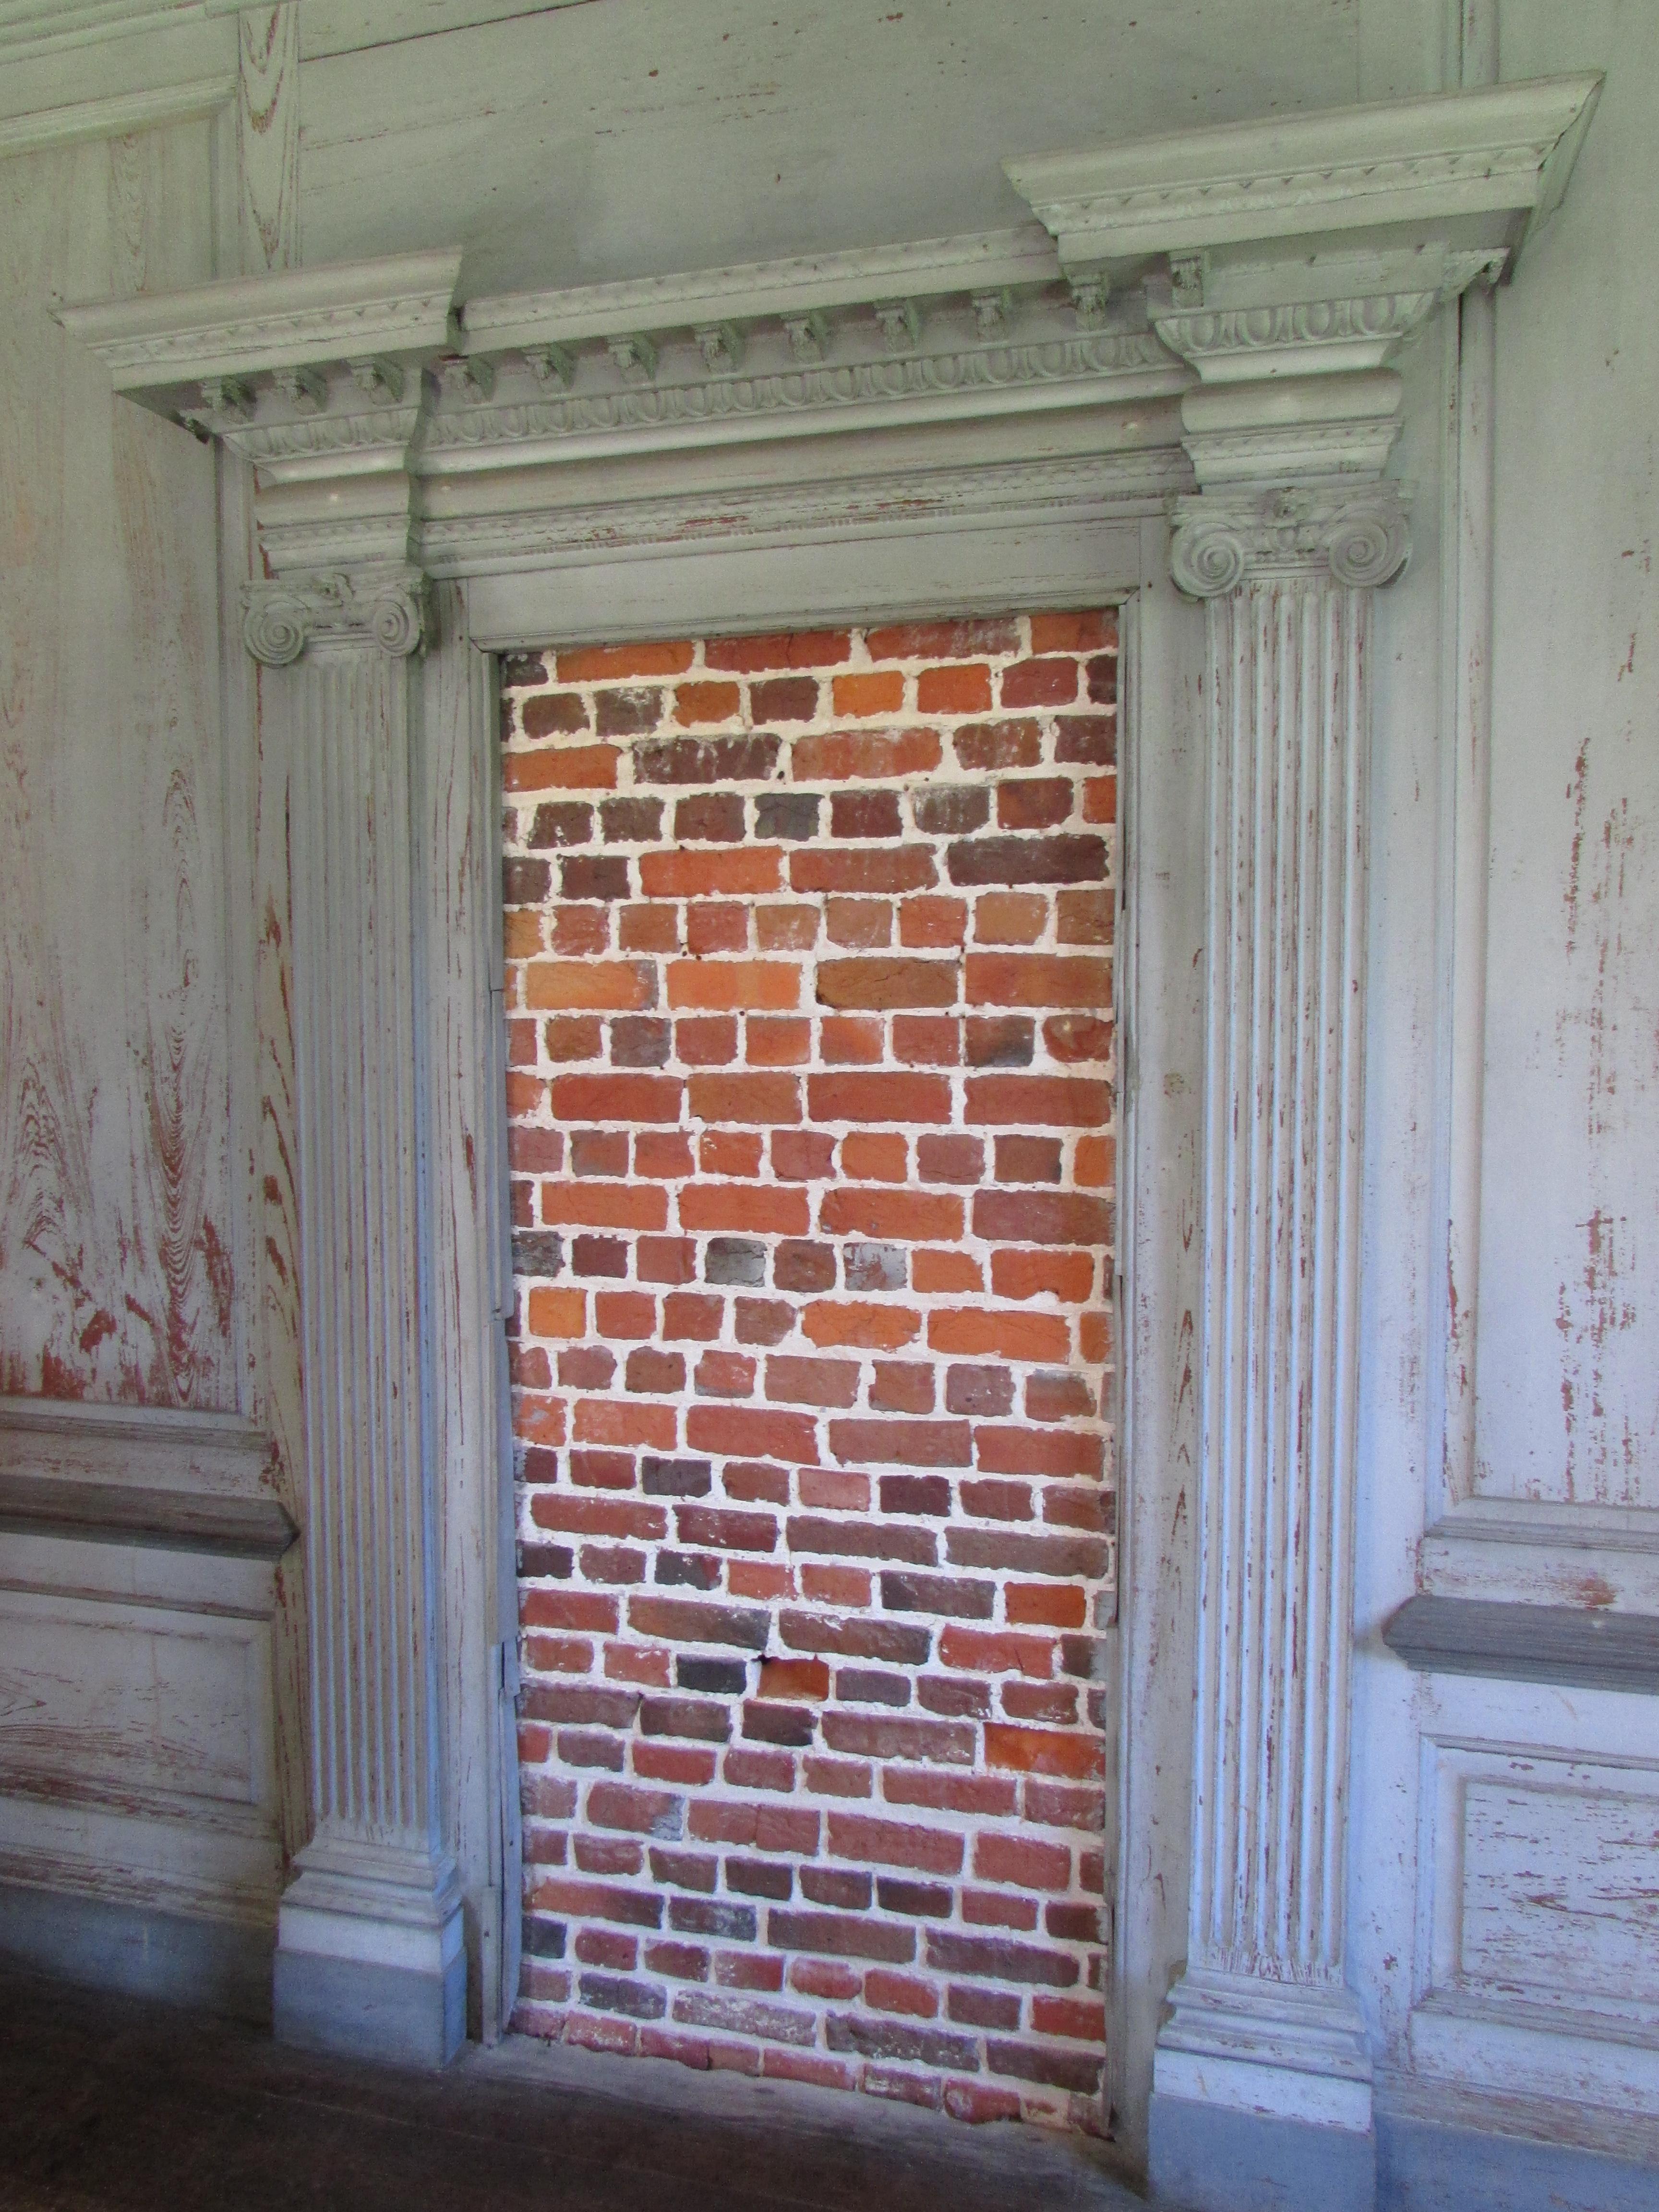 Fausse porte, présente pour la symétrie de la pièce et l'apparat